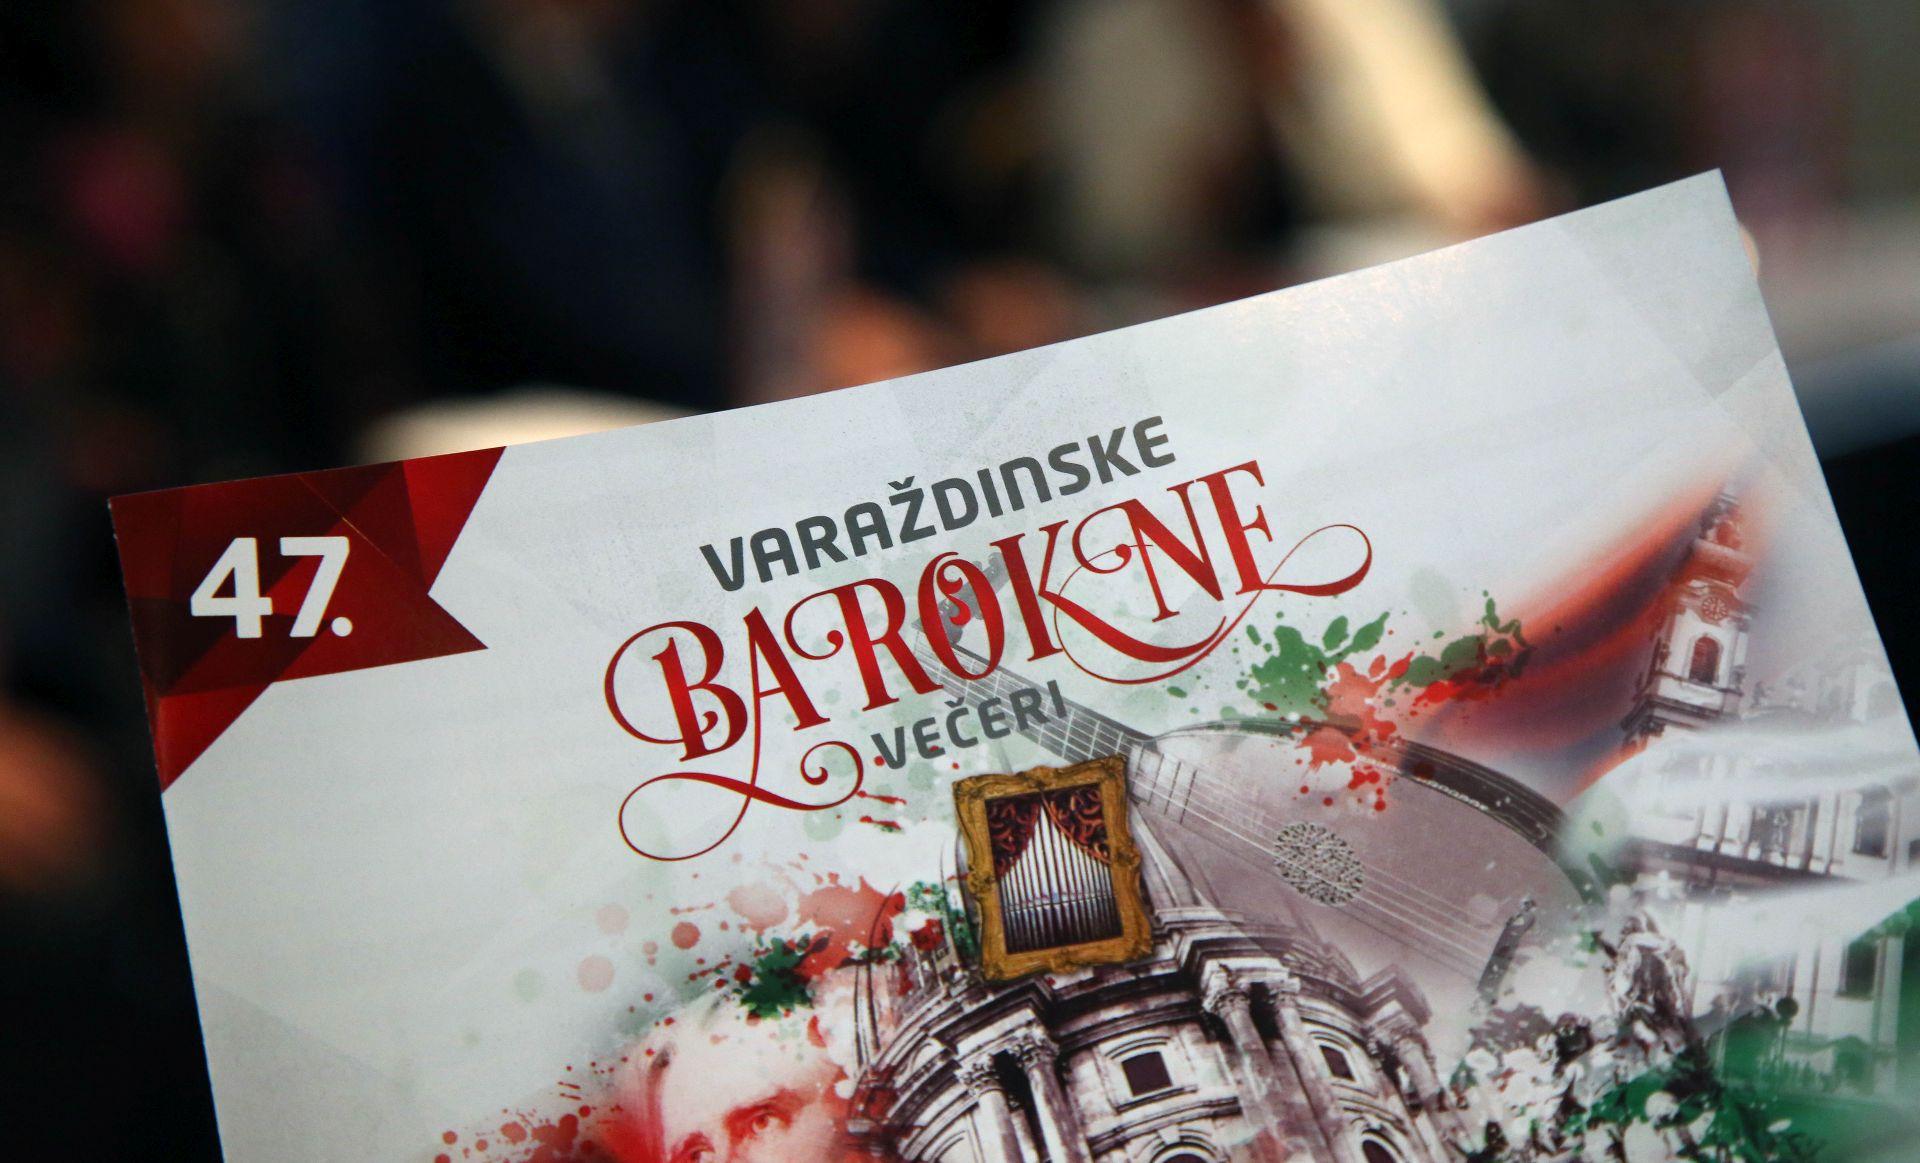 Mađarska zemlja partner 47. Varaždinskih baroknih večeri